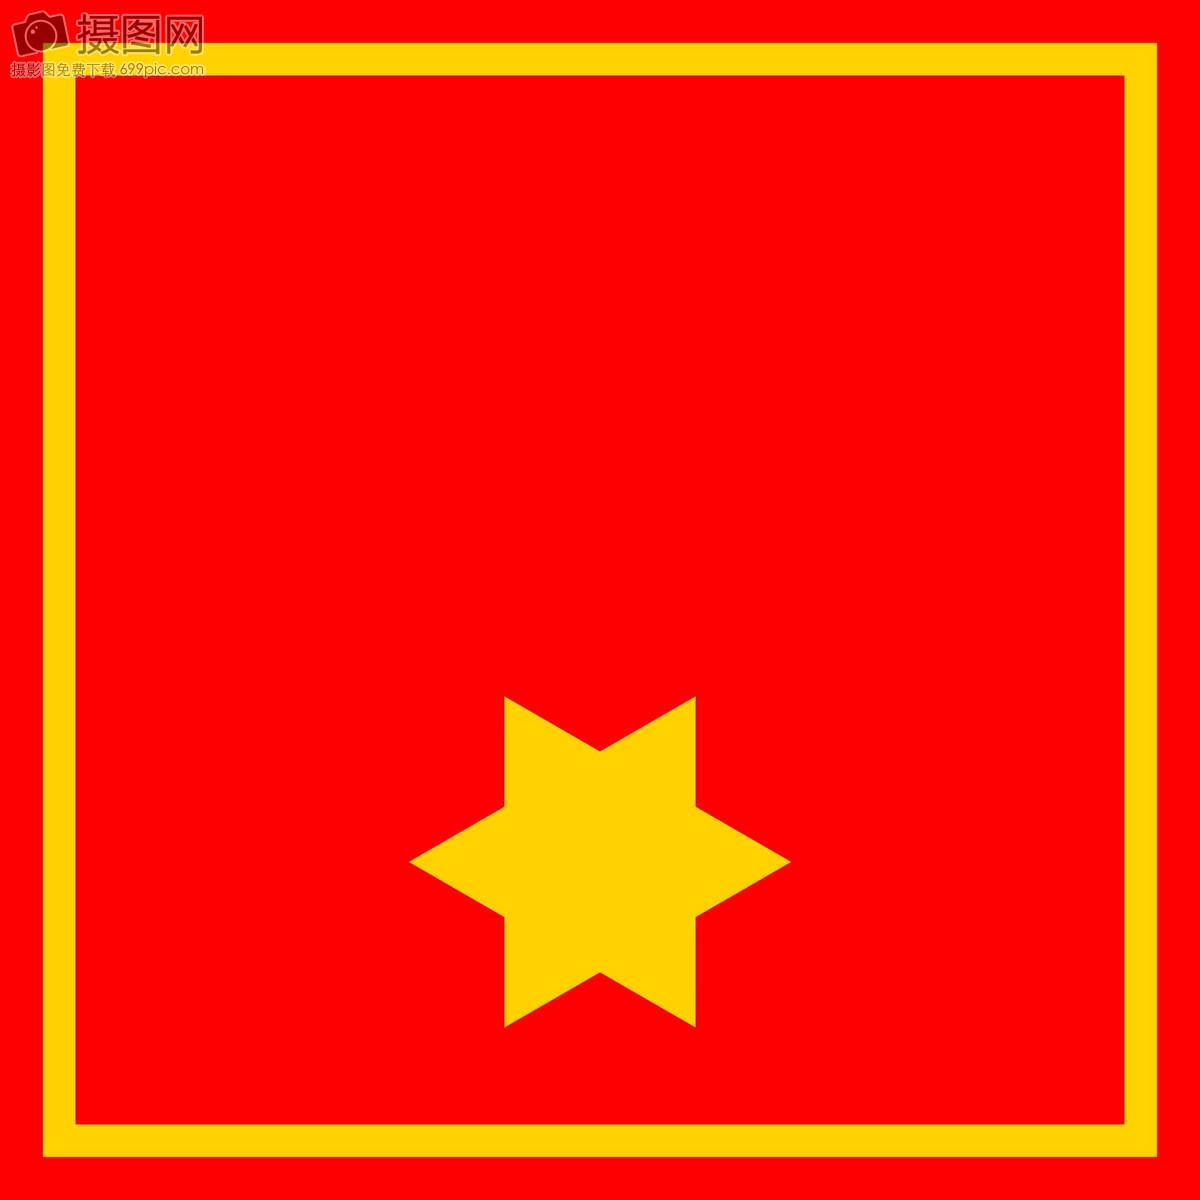 黄色五角星红色旗帜摄影图片照片免费下载,正版图片